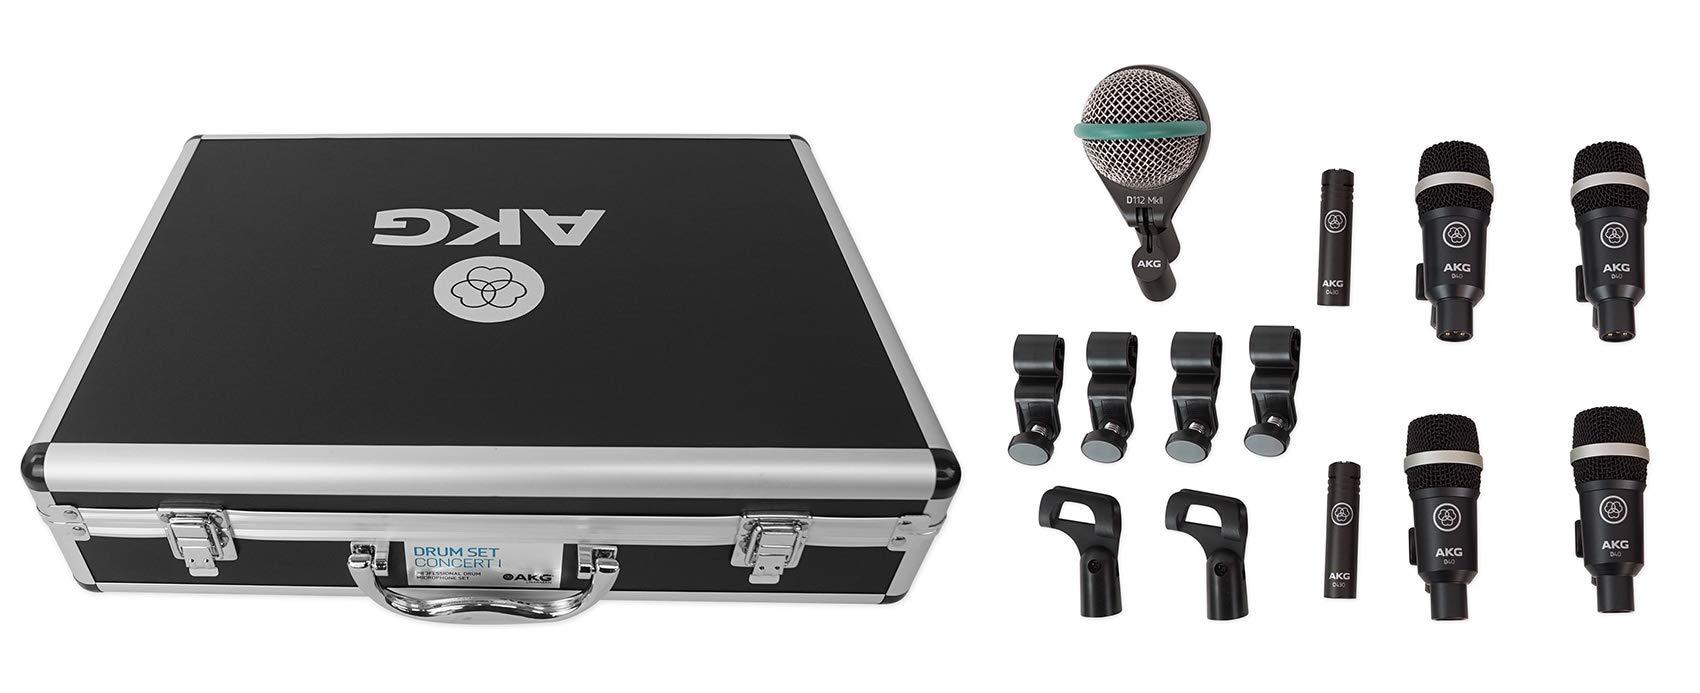 Microfono AKG Acoustics Drum Set Concert 1 Professional Drum